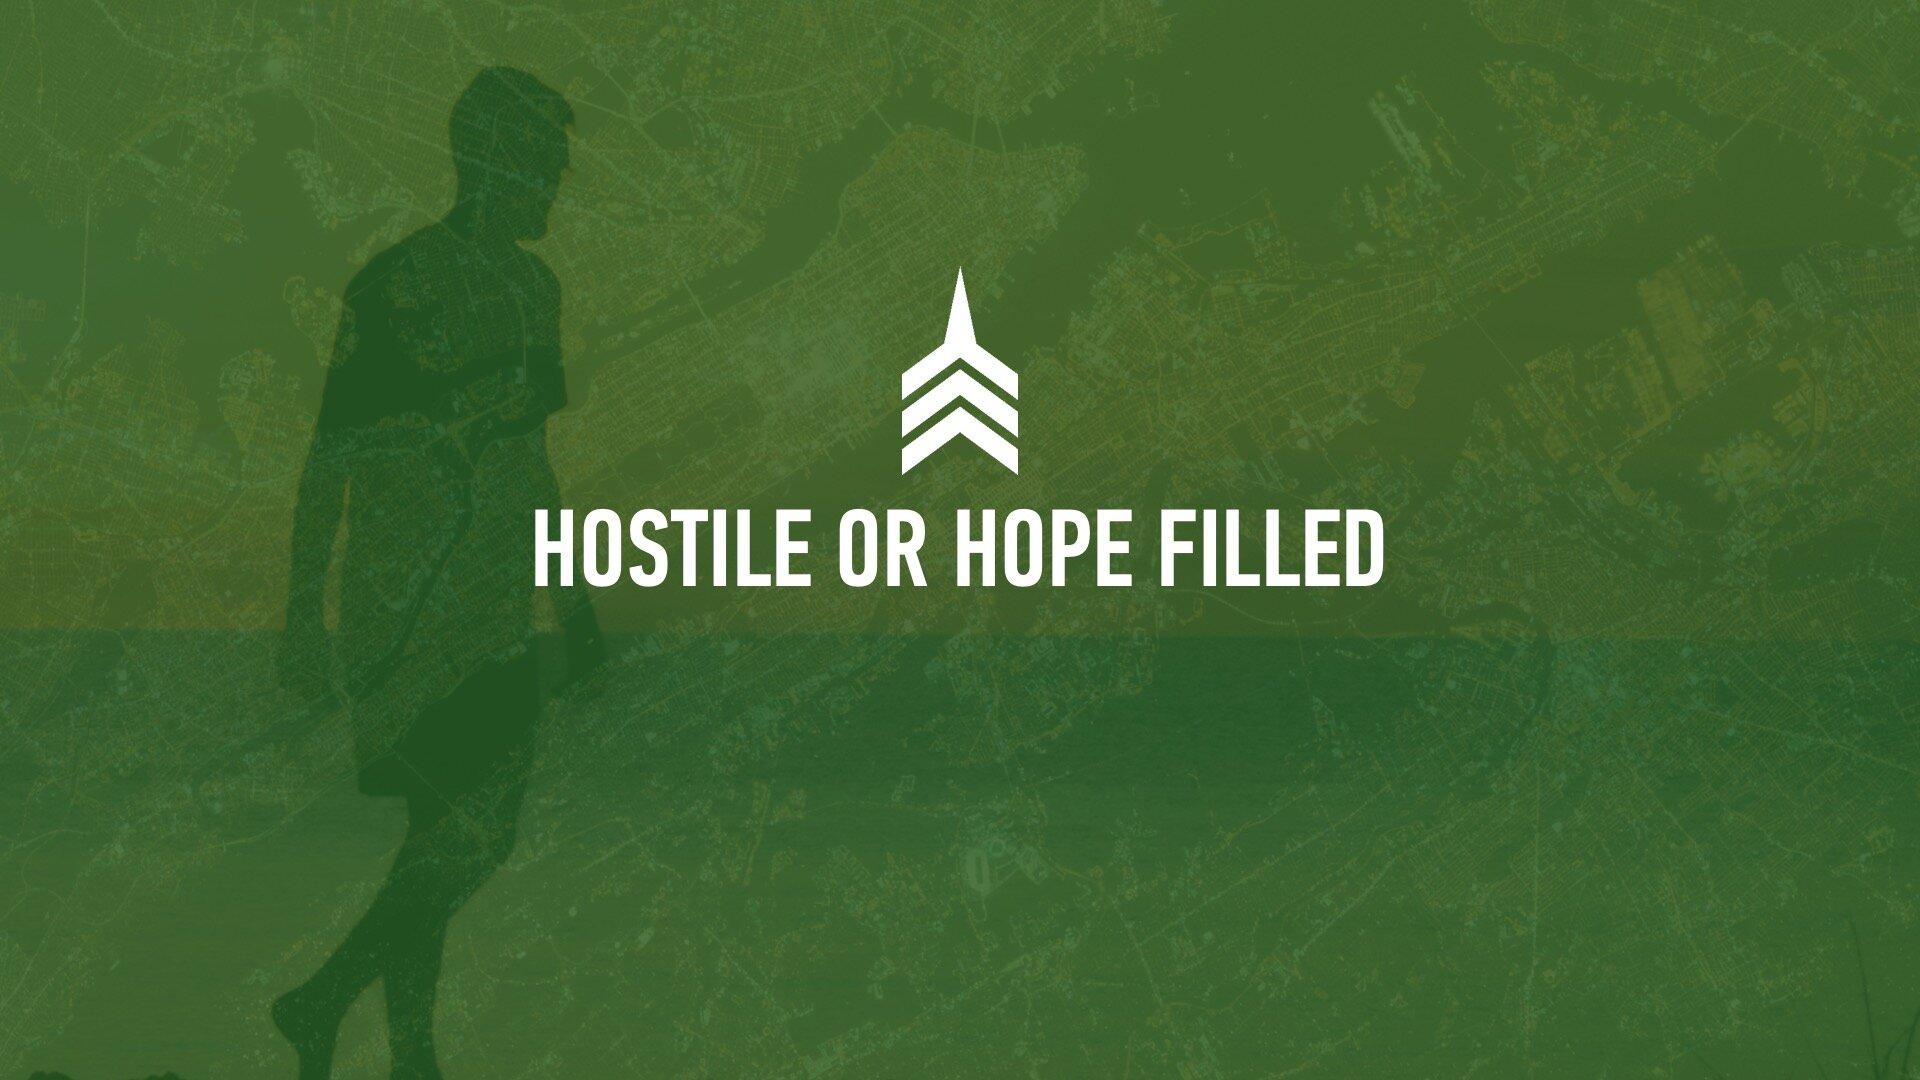 20191027 HOSTILE OR HOPE FILLED.jpeg